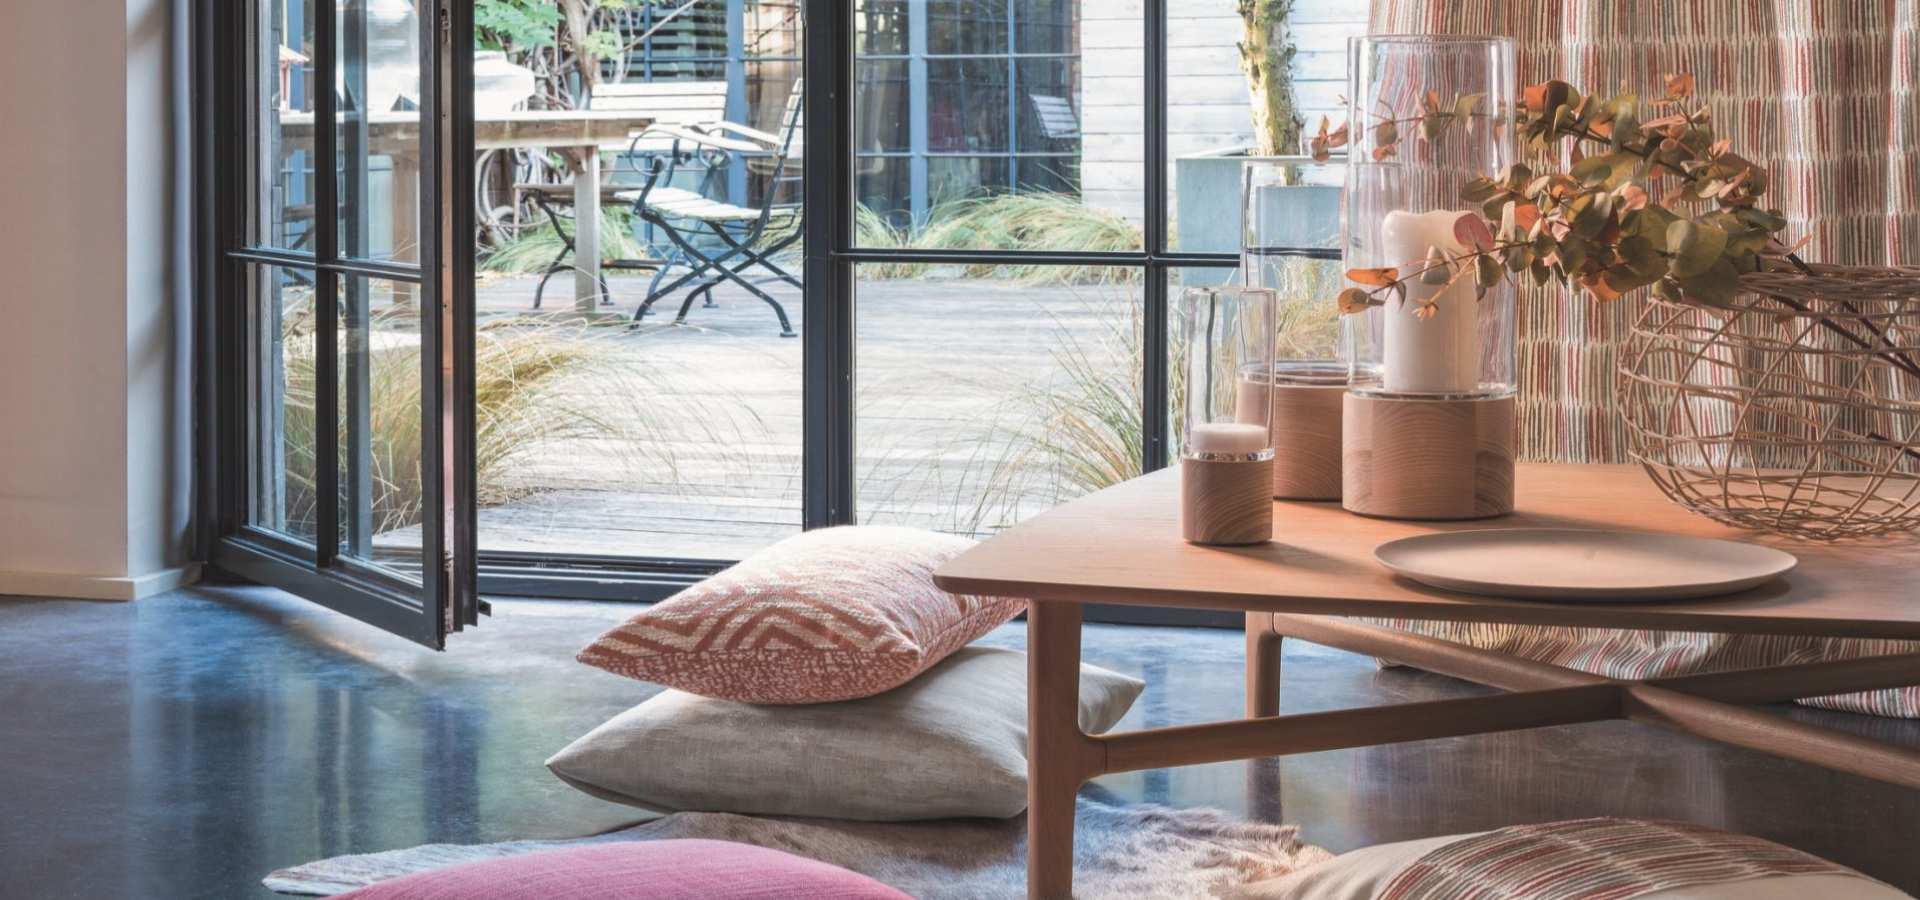 Bild Wohnzimmer Gardine und Kissen bunt gesrichelt